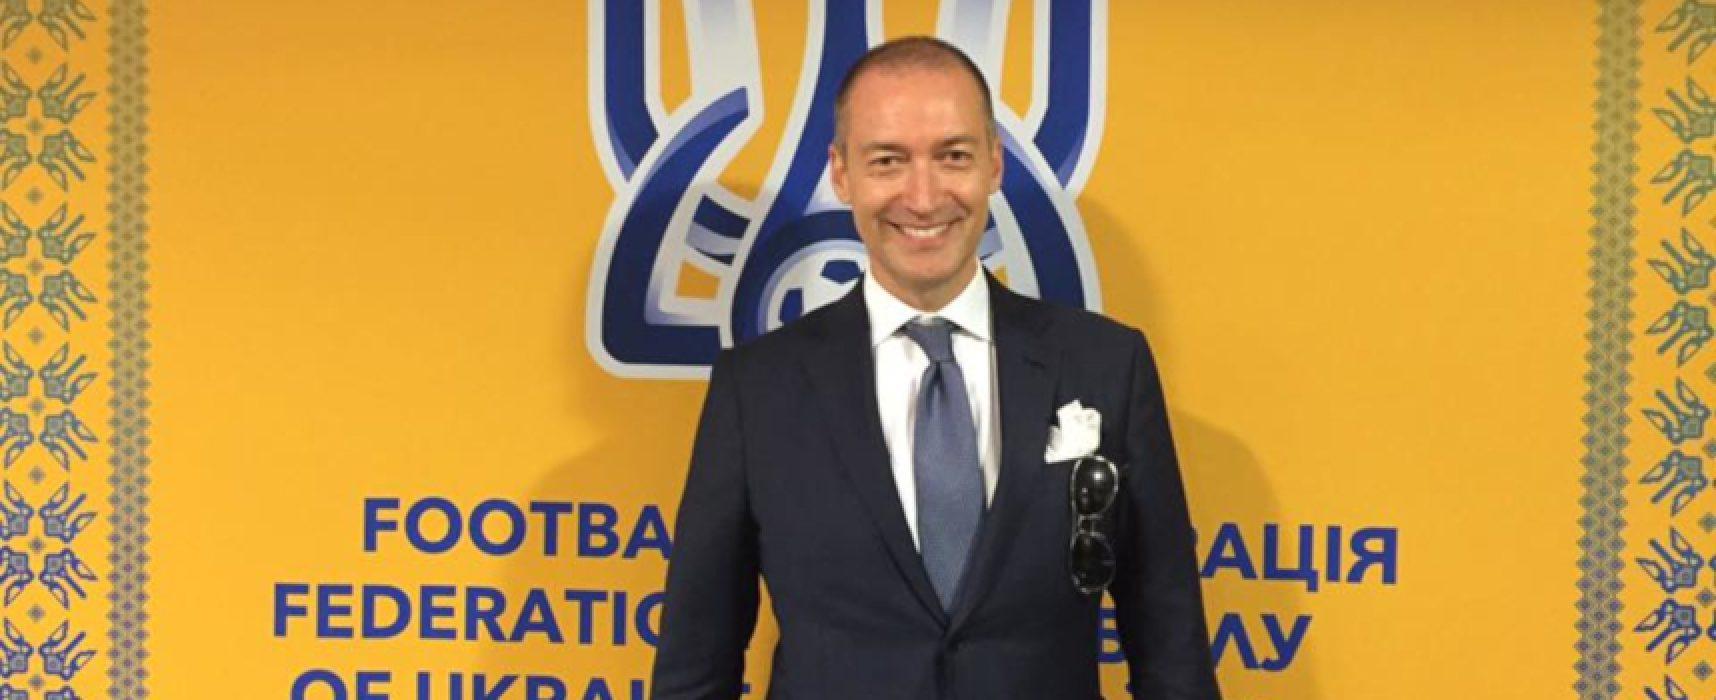 """Bisceglie Calcio, parla l'avvocato Di Cintio: """"Canonico vuole tutelare la società a tutti i costi"""""""